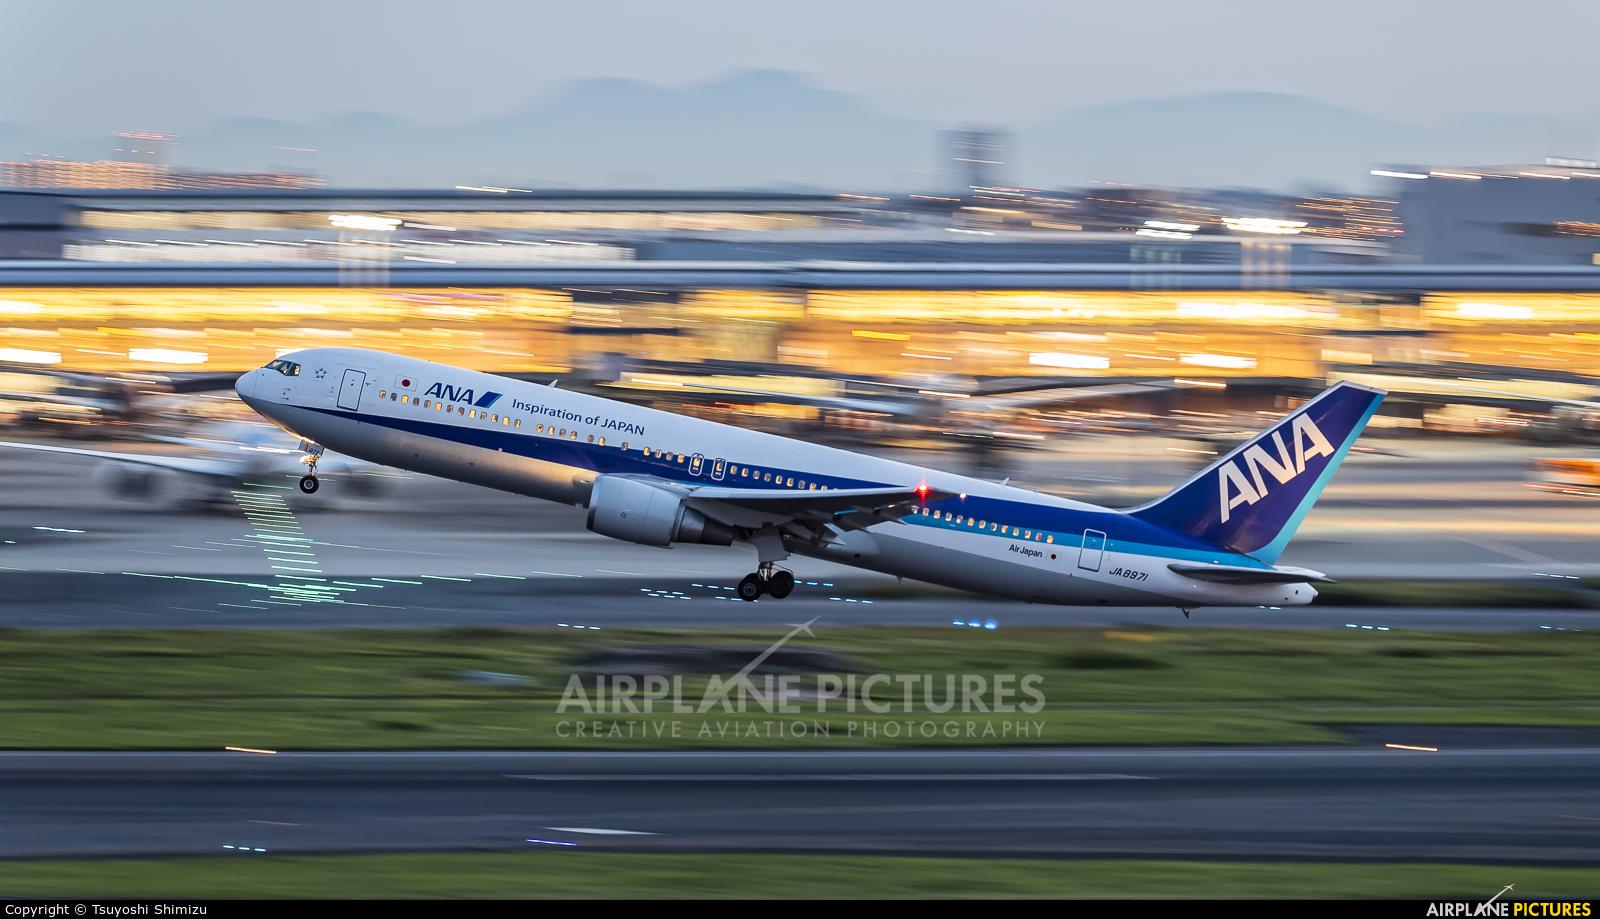 ANA - All Nippon Airways JA8971 aircraft at Tokyo - Haneda Intl